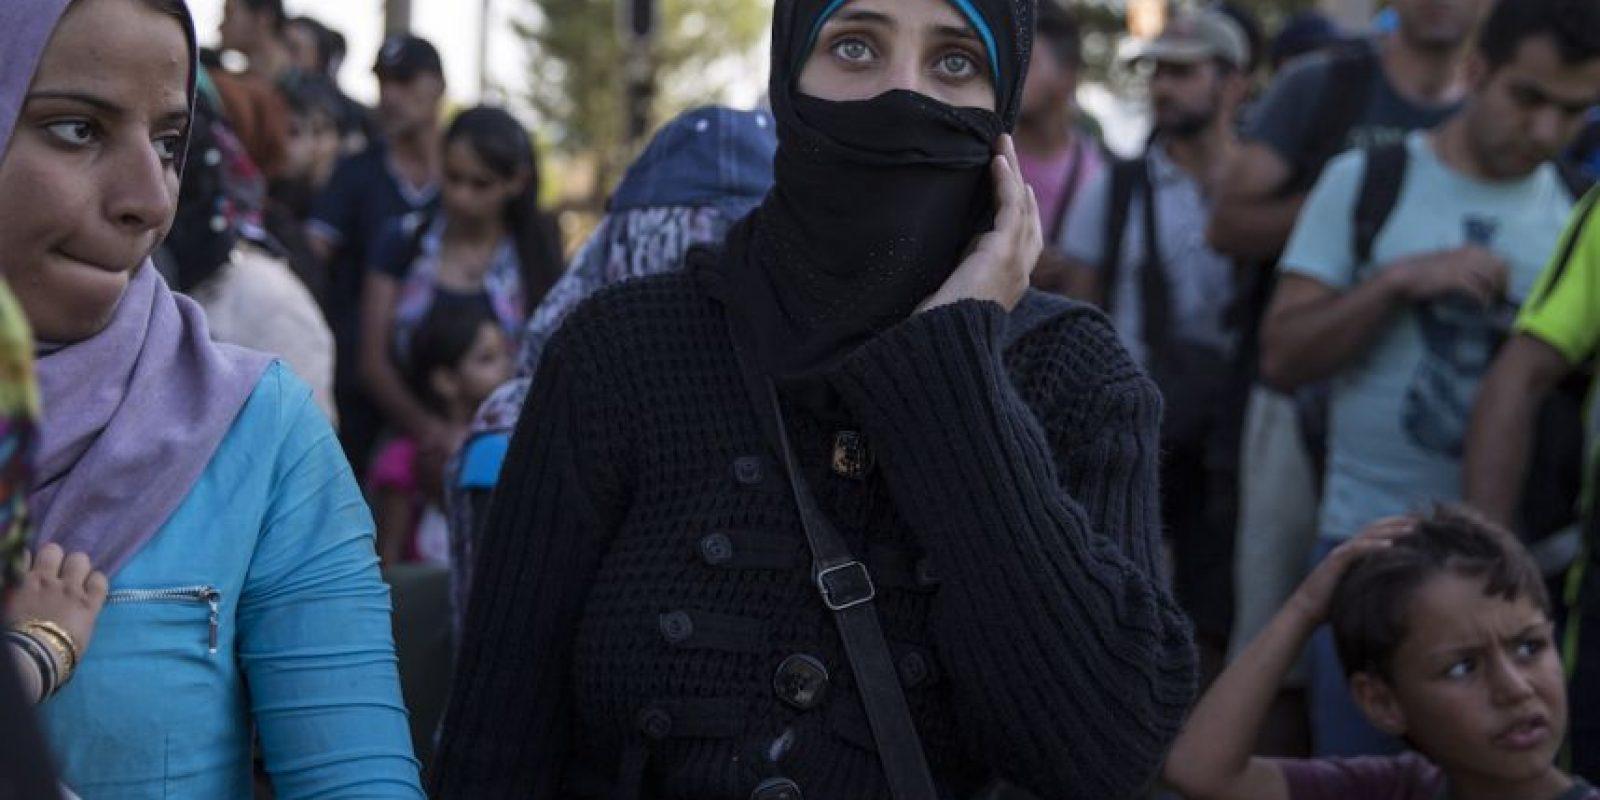 Hasta mediados de 2015, más de 330 mil personas procedentes de Oriente Medio y el norte de África habían llegado a Europa huyendo de la guerra o de la pobreza en sus países de origen. Foto:Getty Images